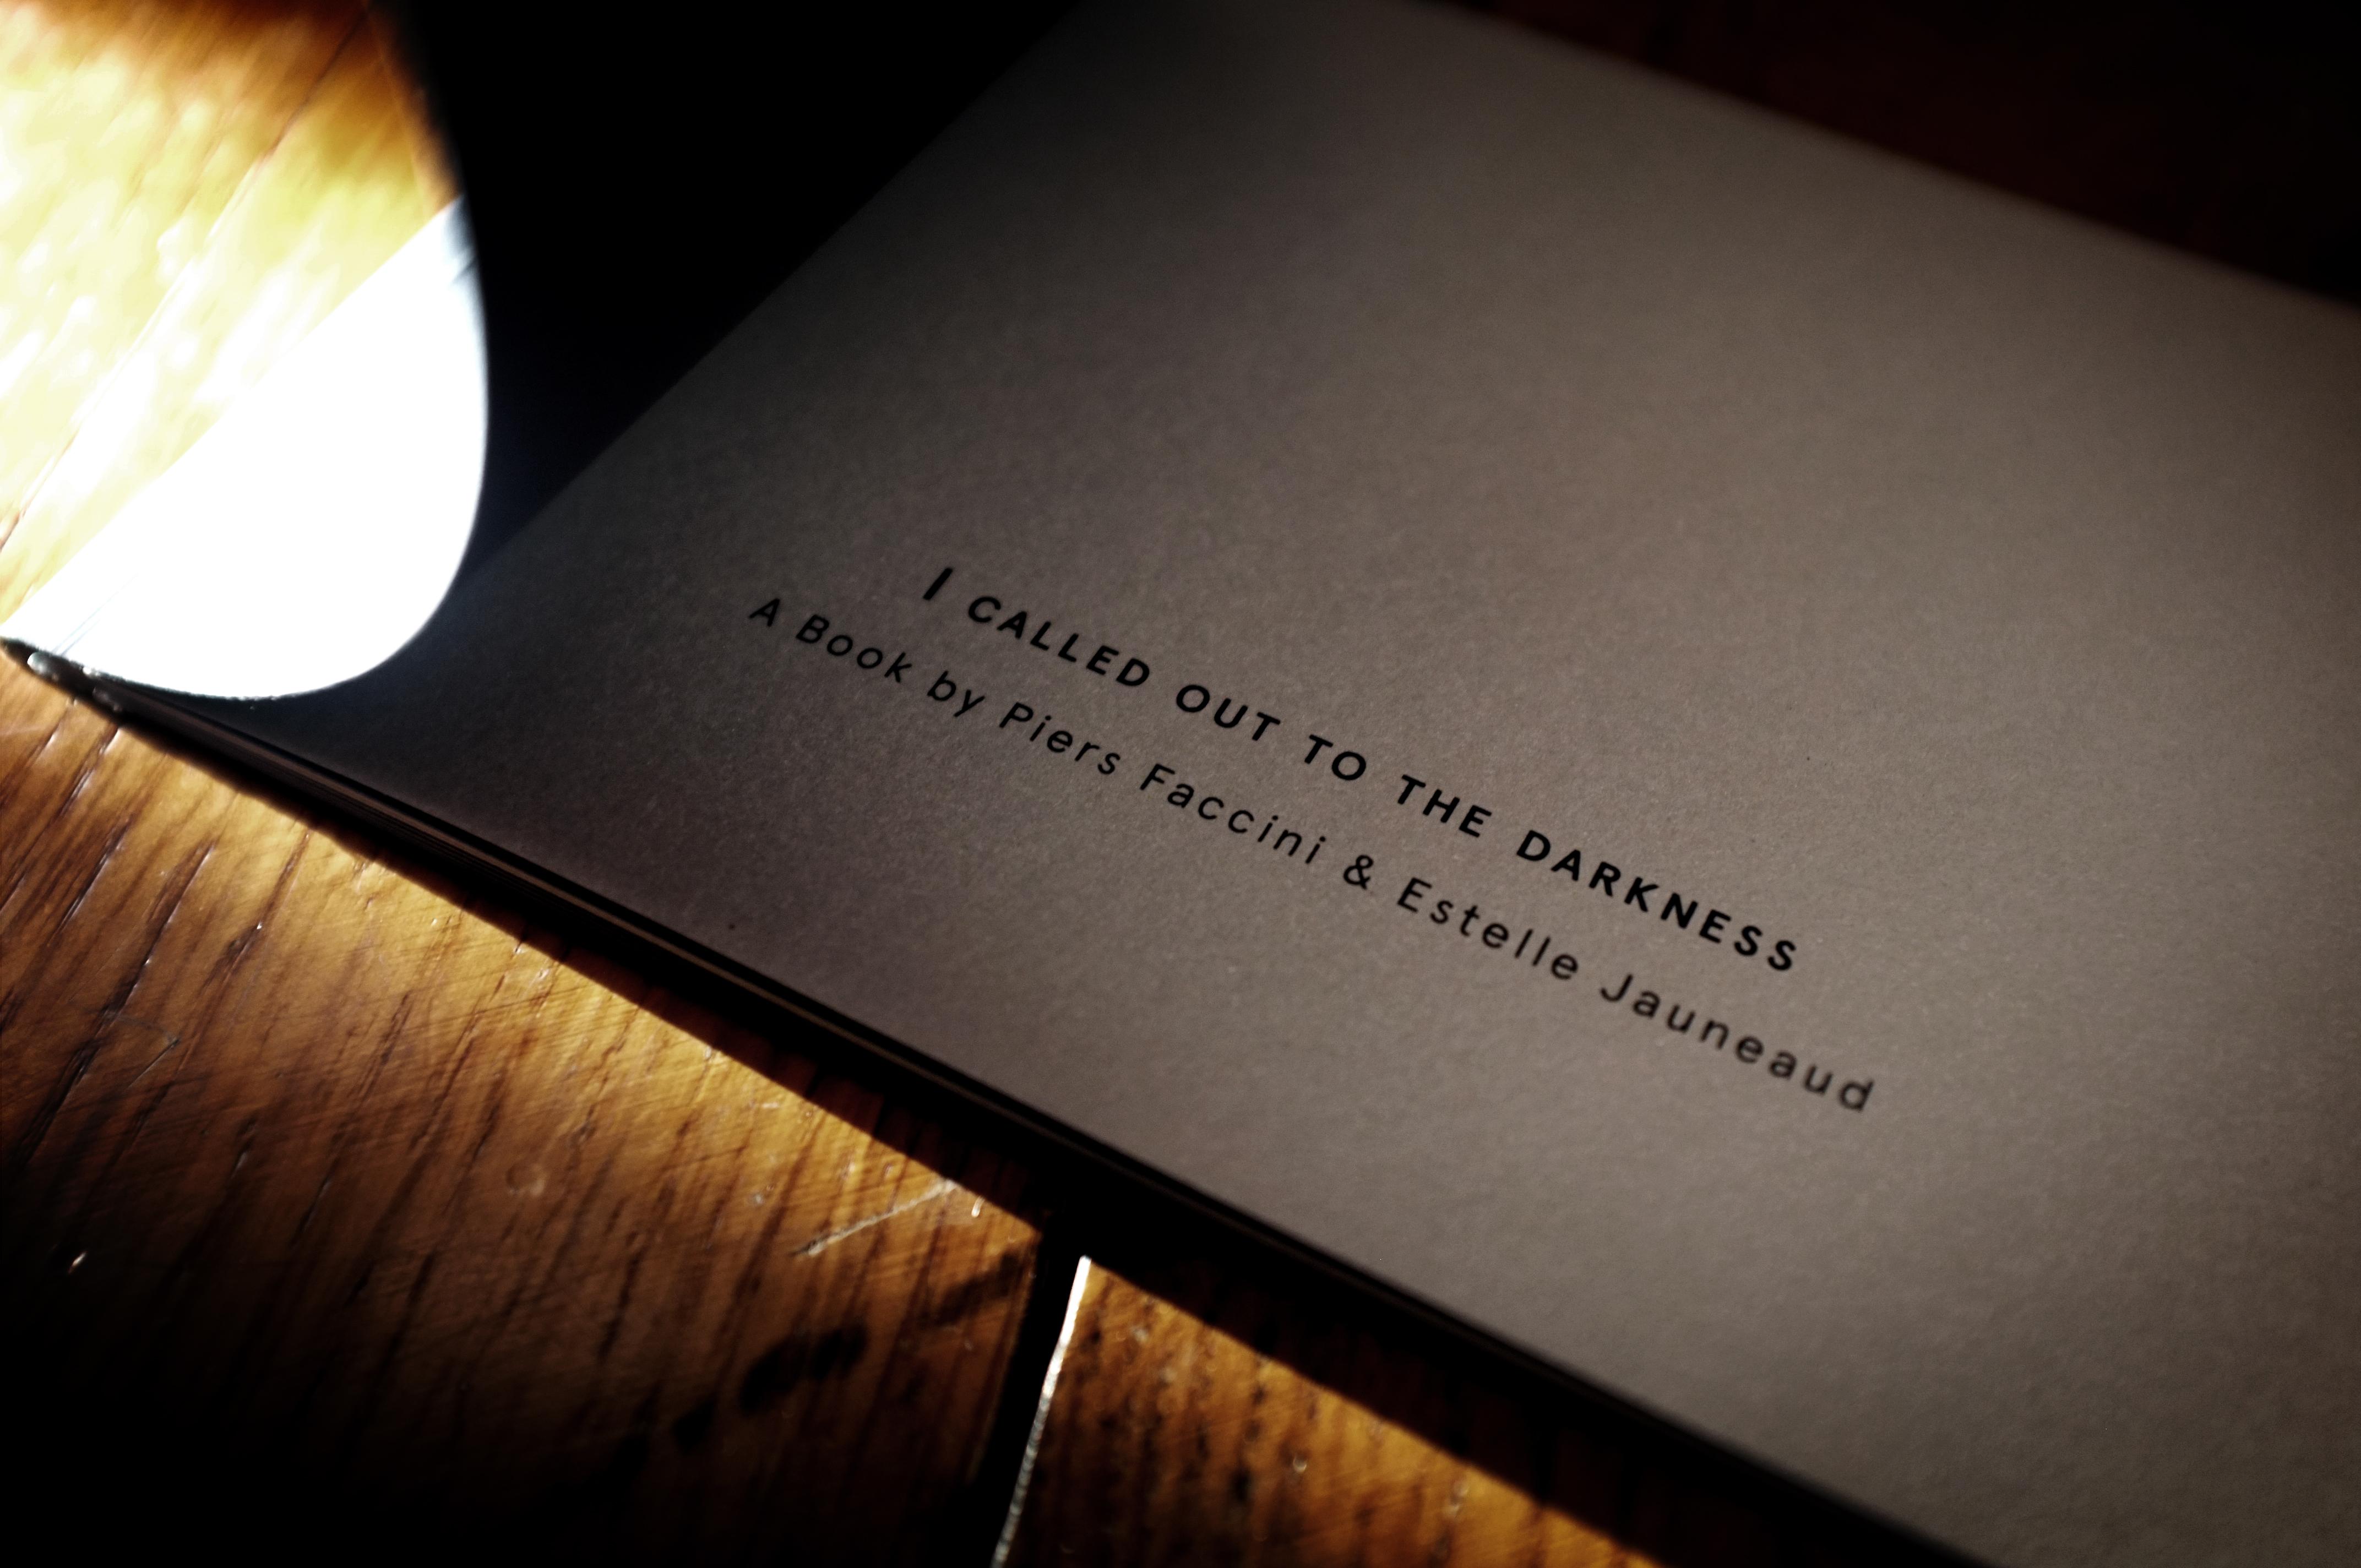 darknessbook-mrcup-05